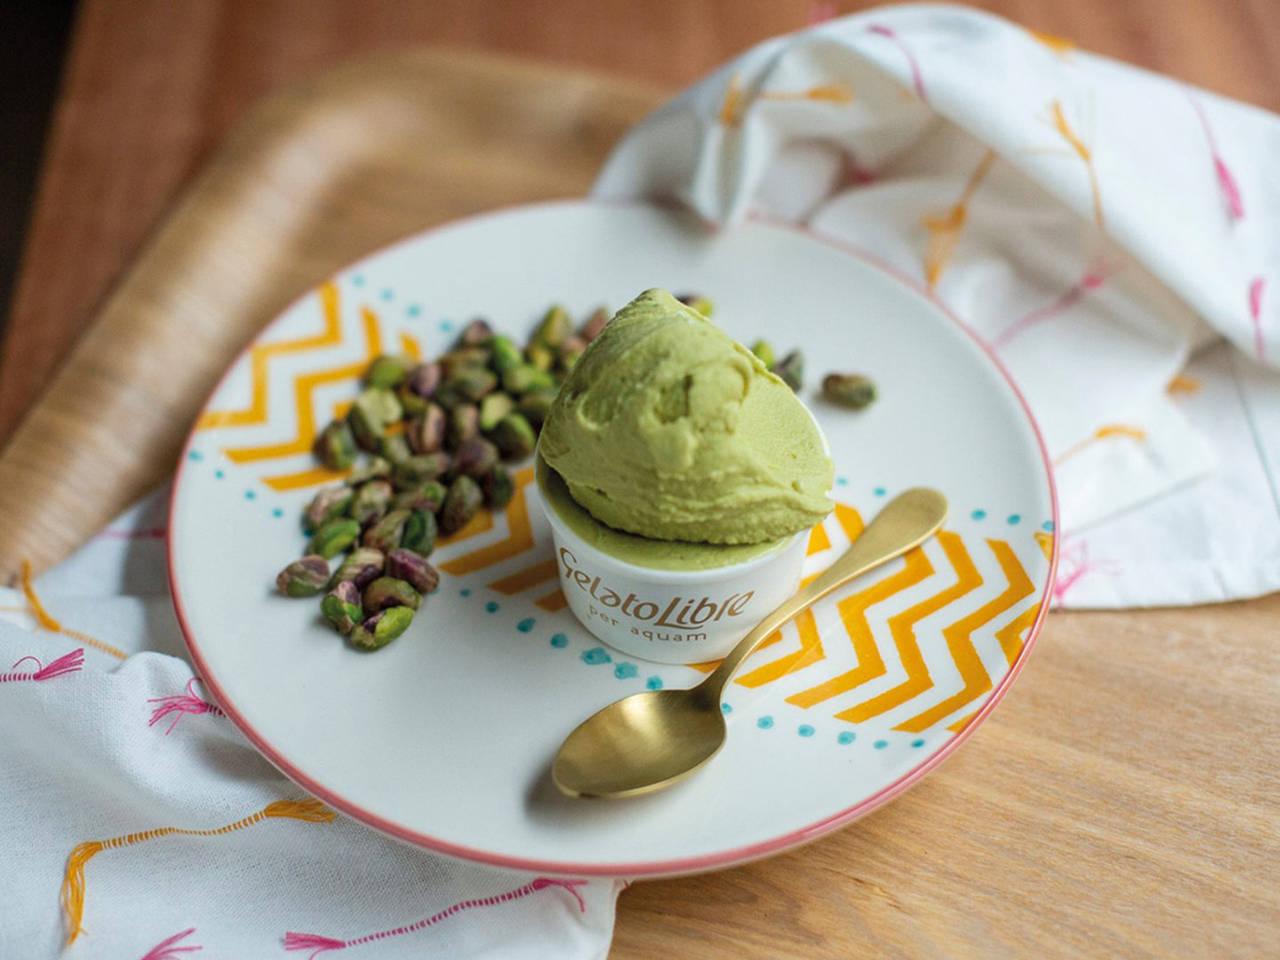 Libre: il gelato innovativo